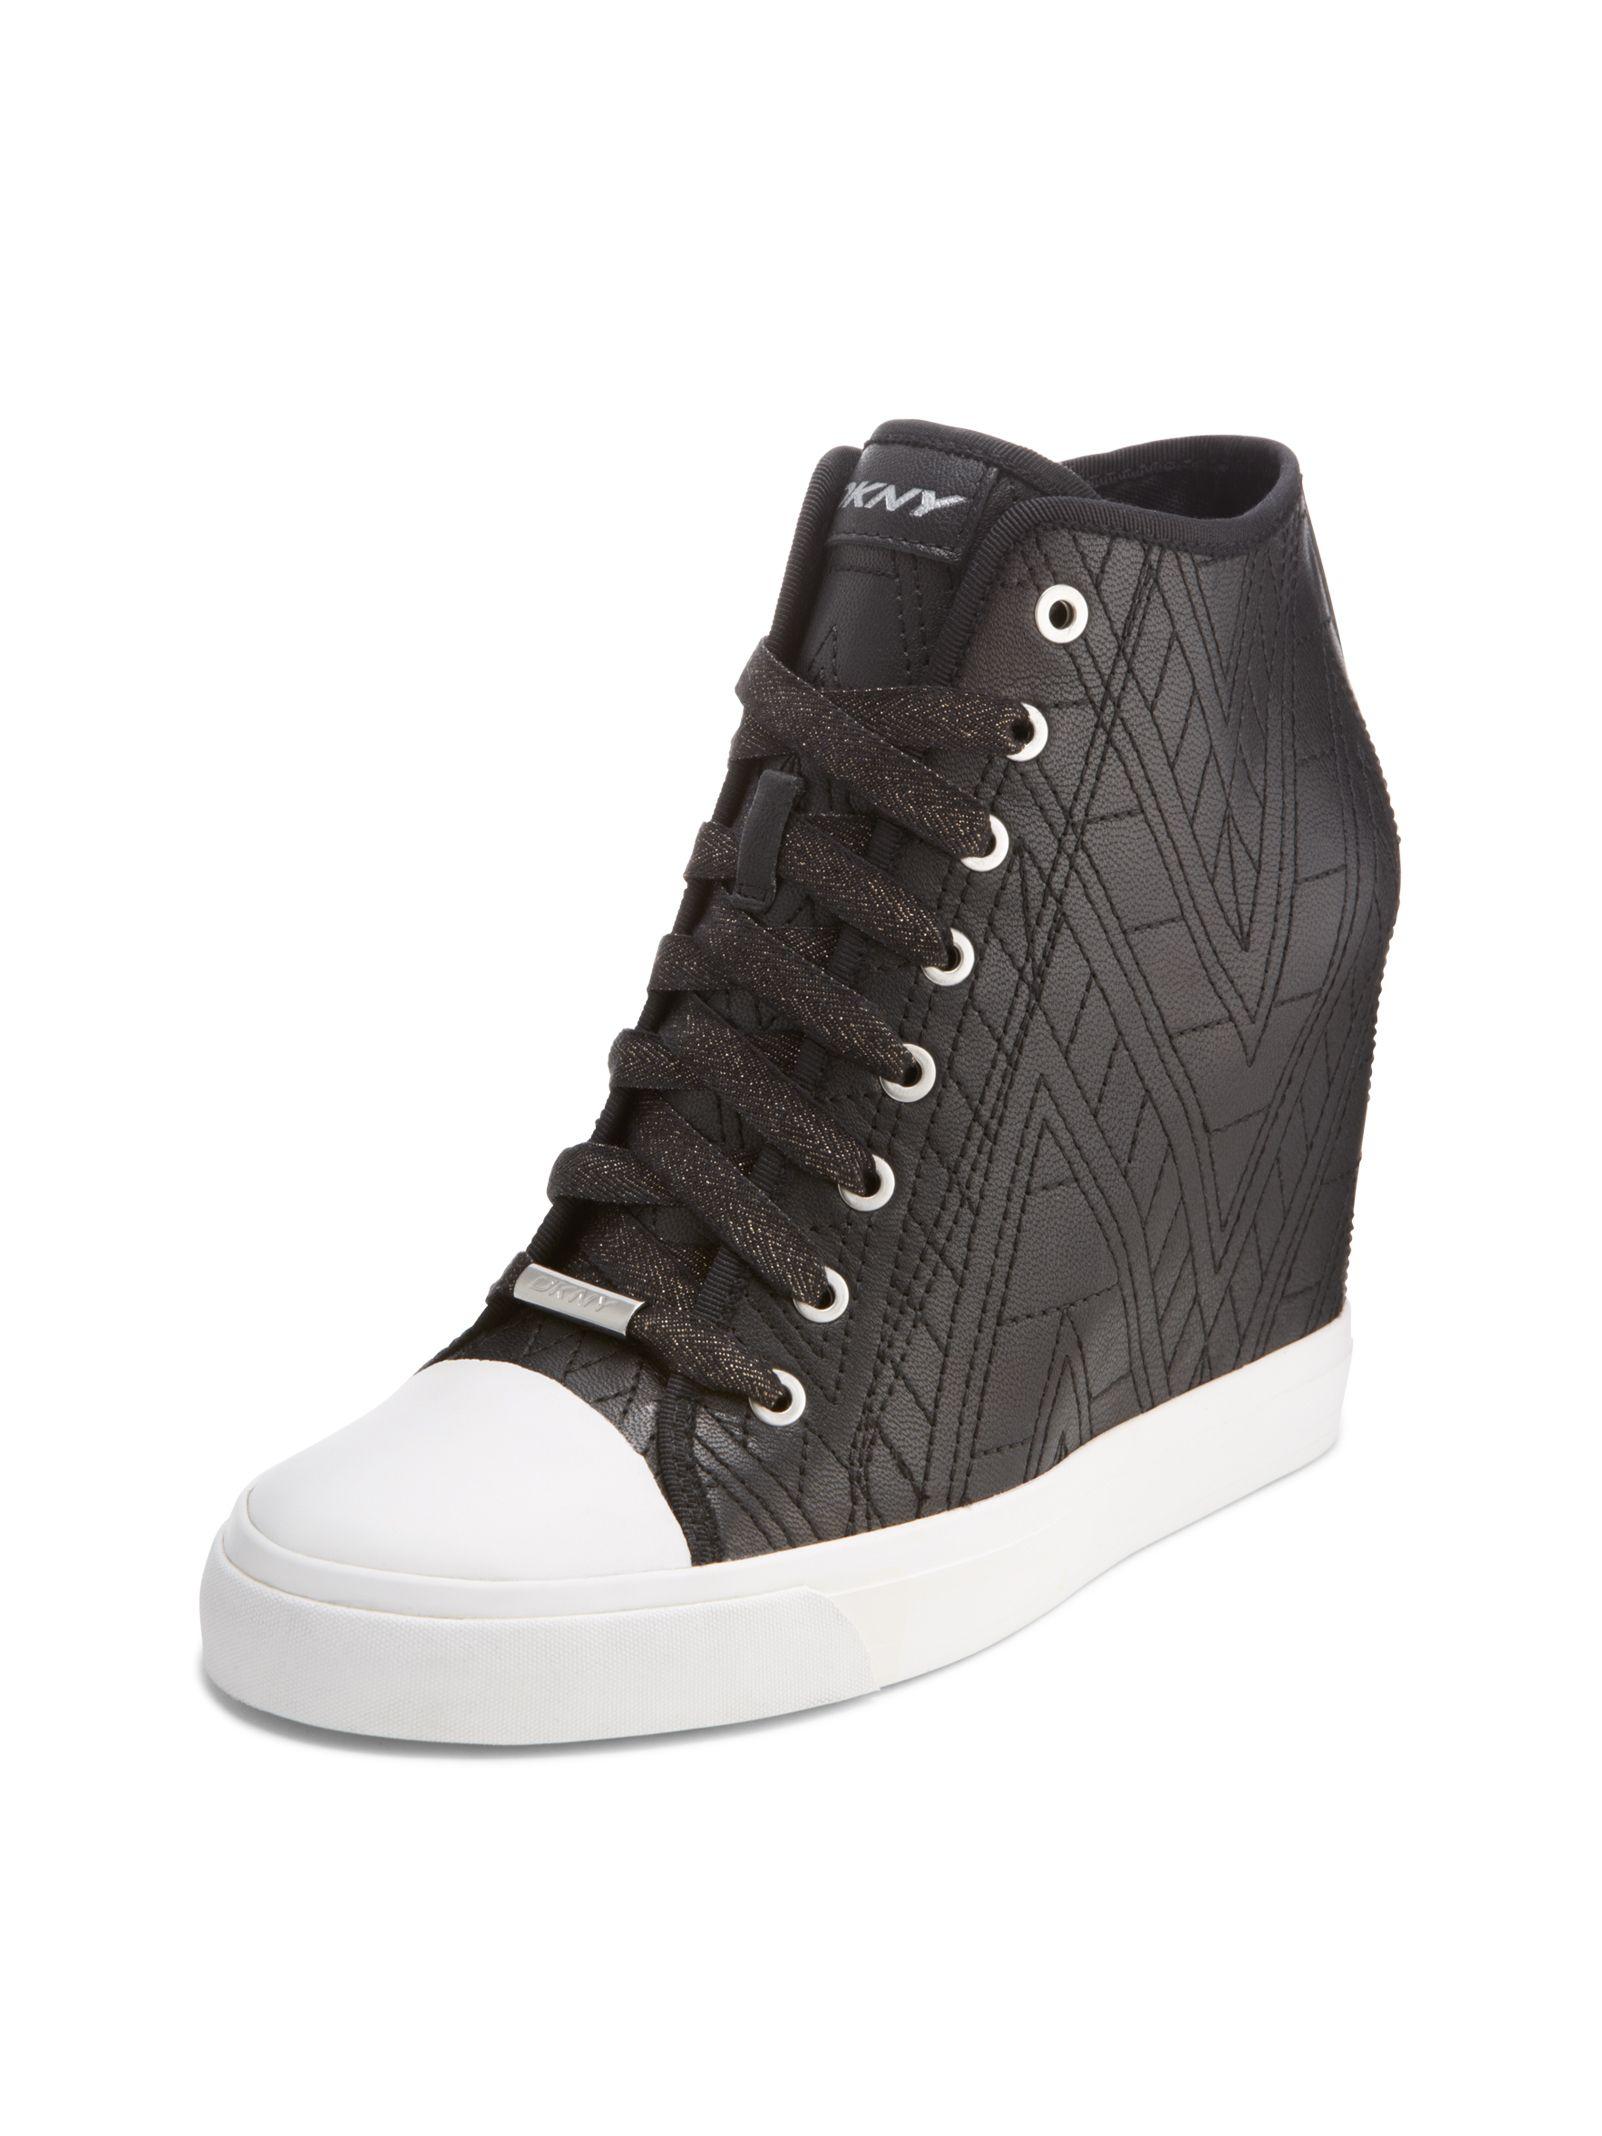 f4cd1655a84 Donna Karan · GROMMET ZIP WEDGE SNEAKER  175 Black Leather Sneakers